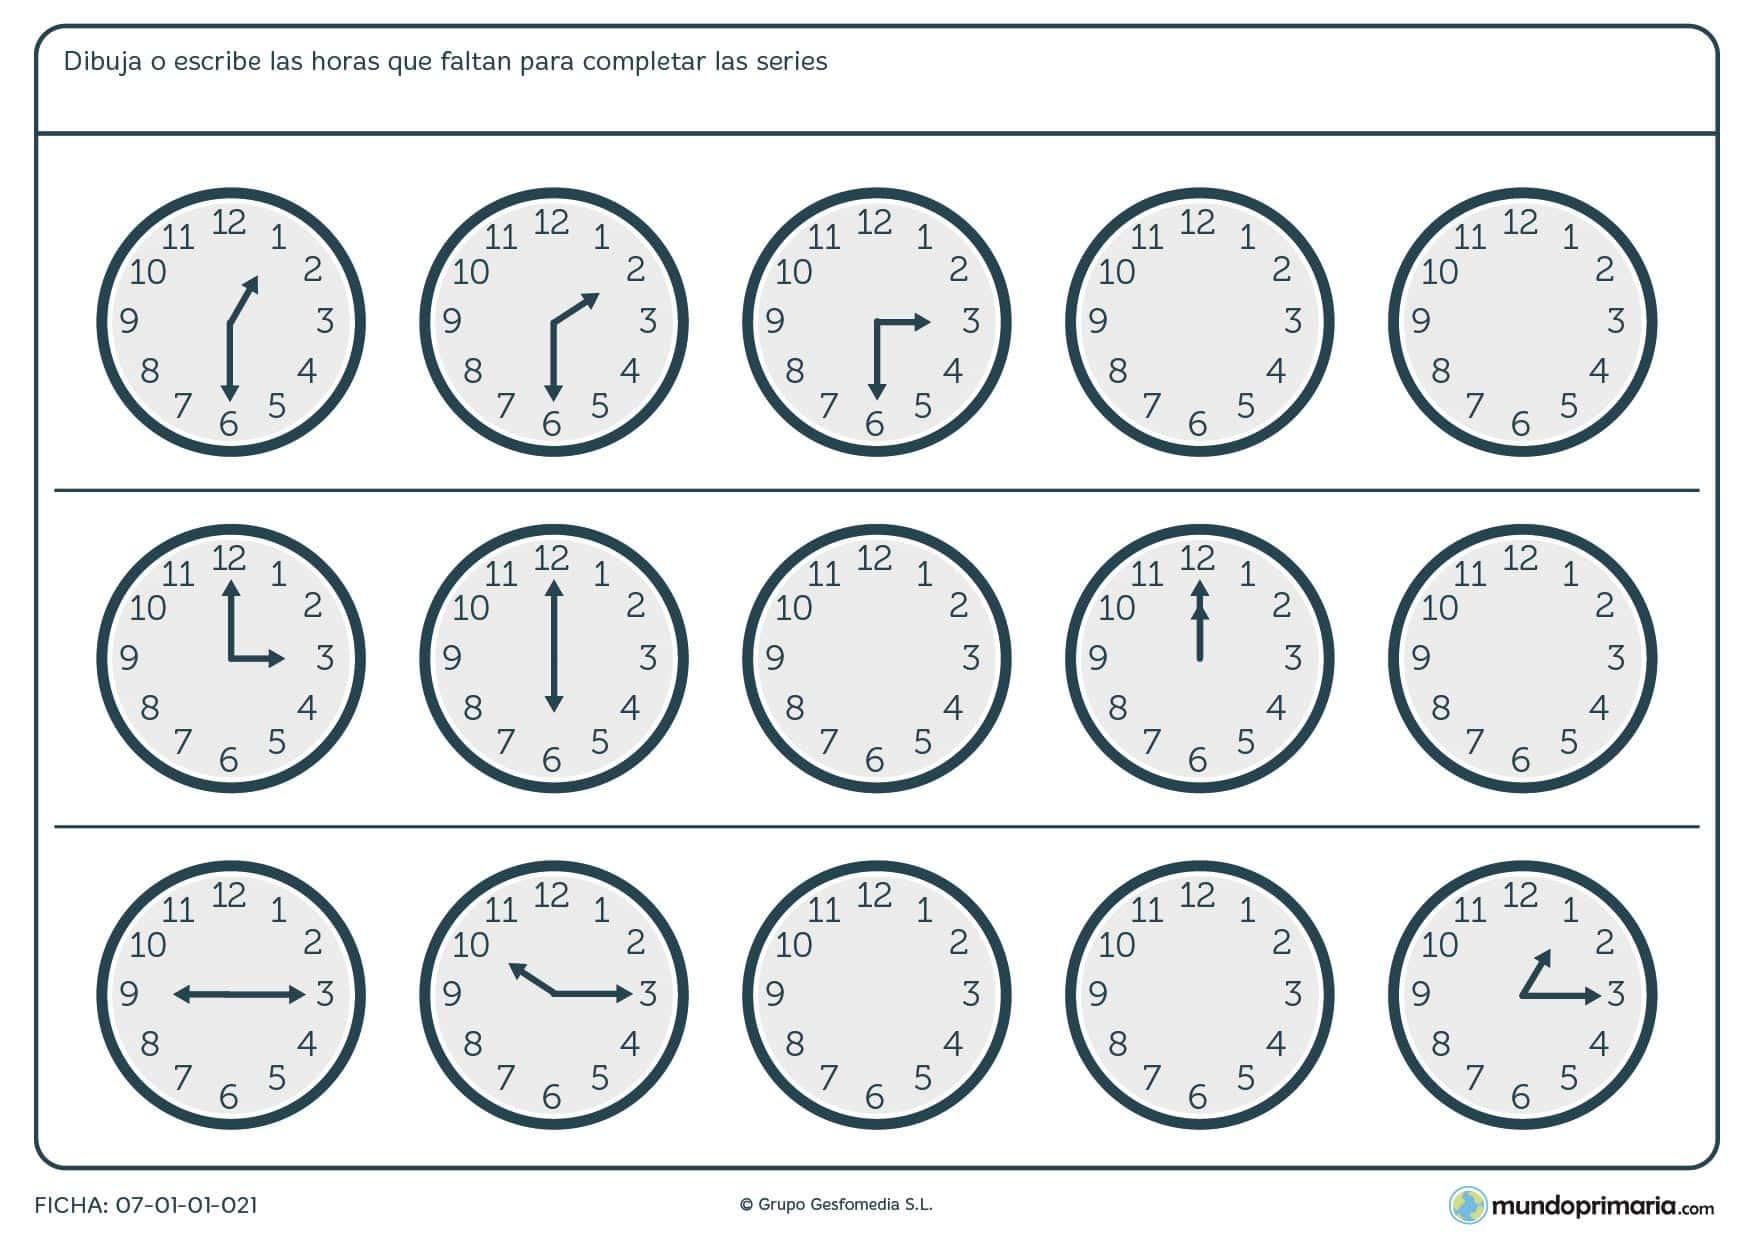 Ficha de series de relojes analógicos completa la hora siguiente